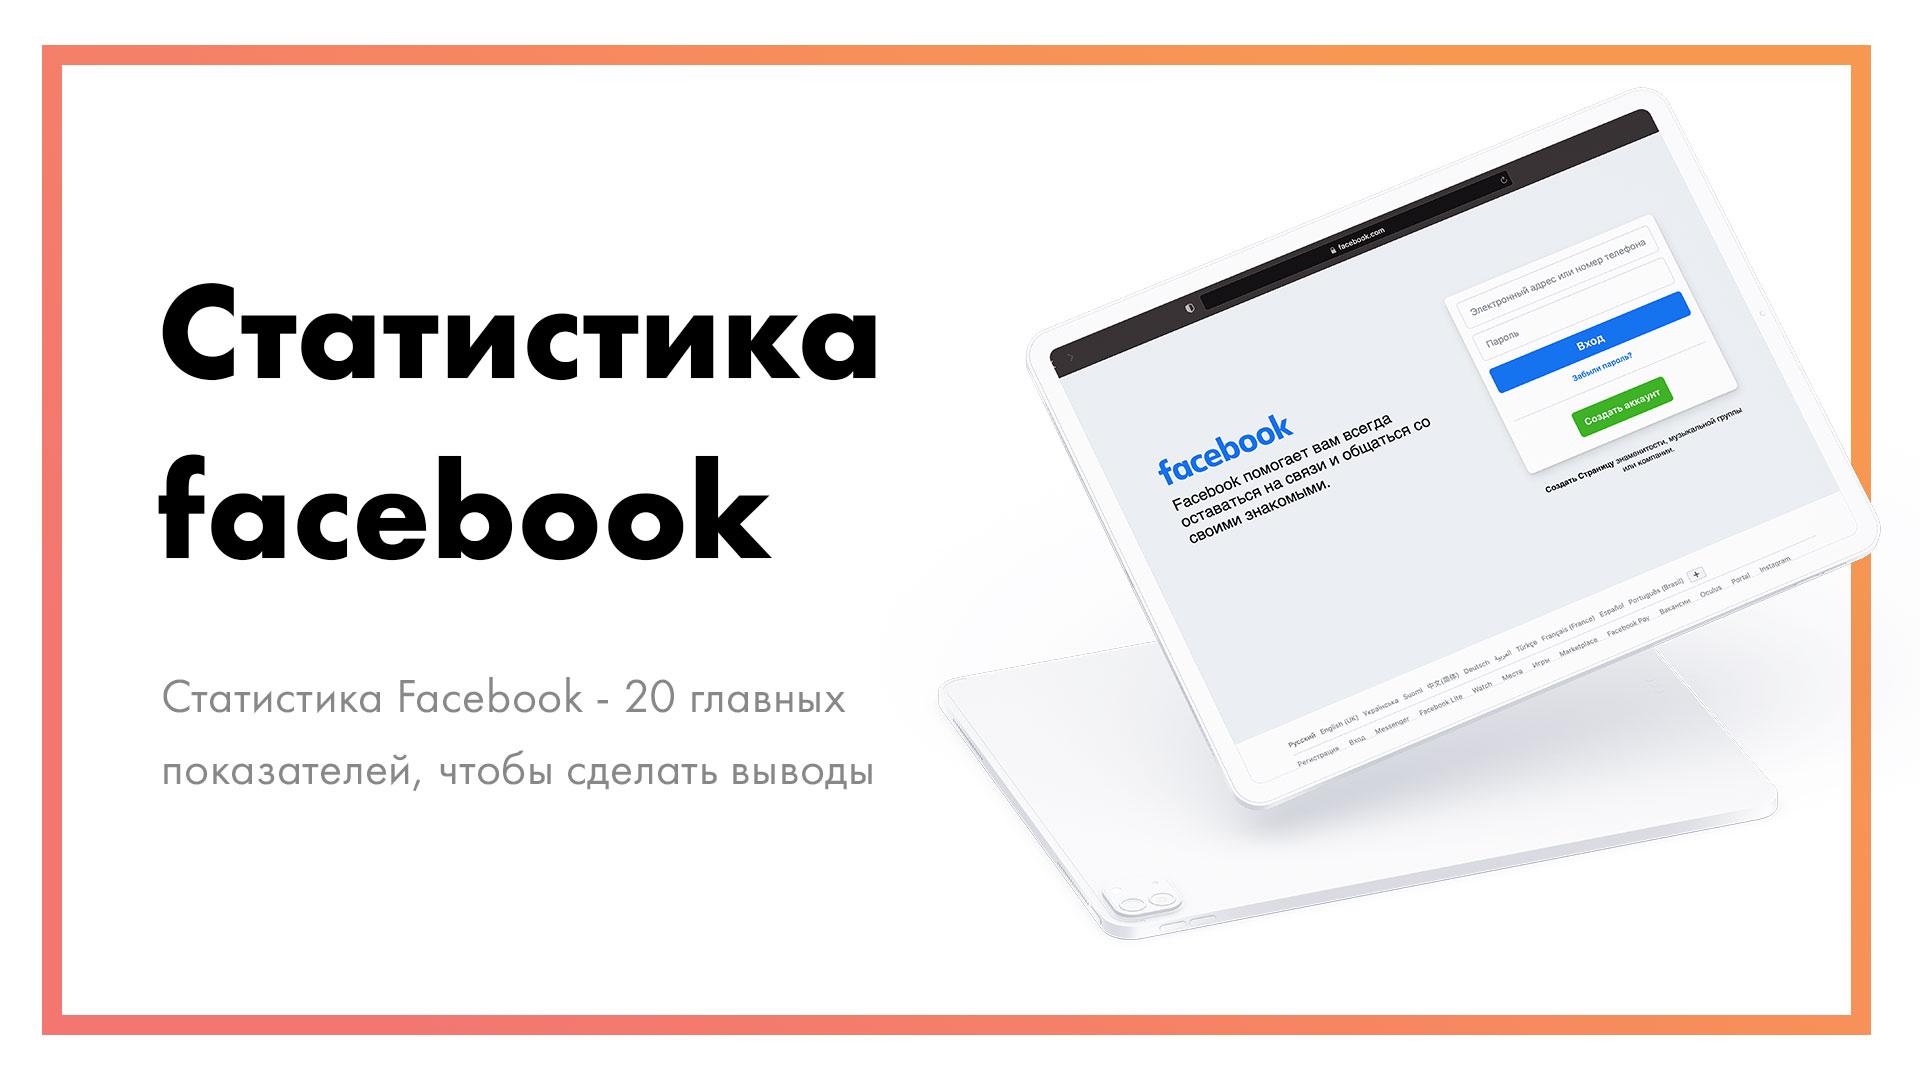 Статистика-Facebook---20-главных-показателей-[2021-год].jpg